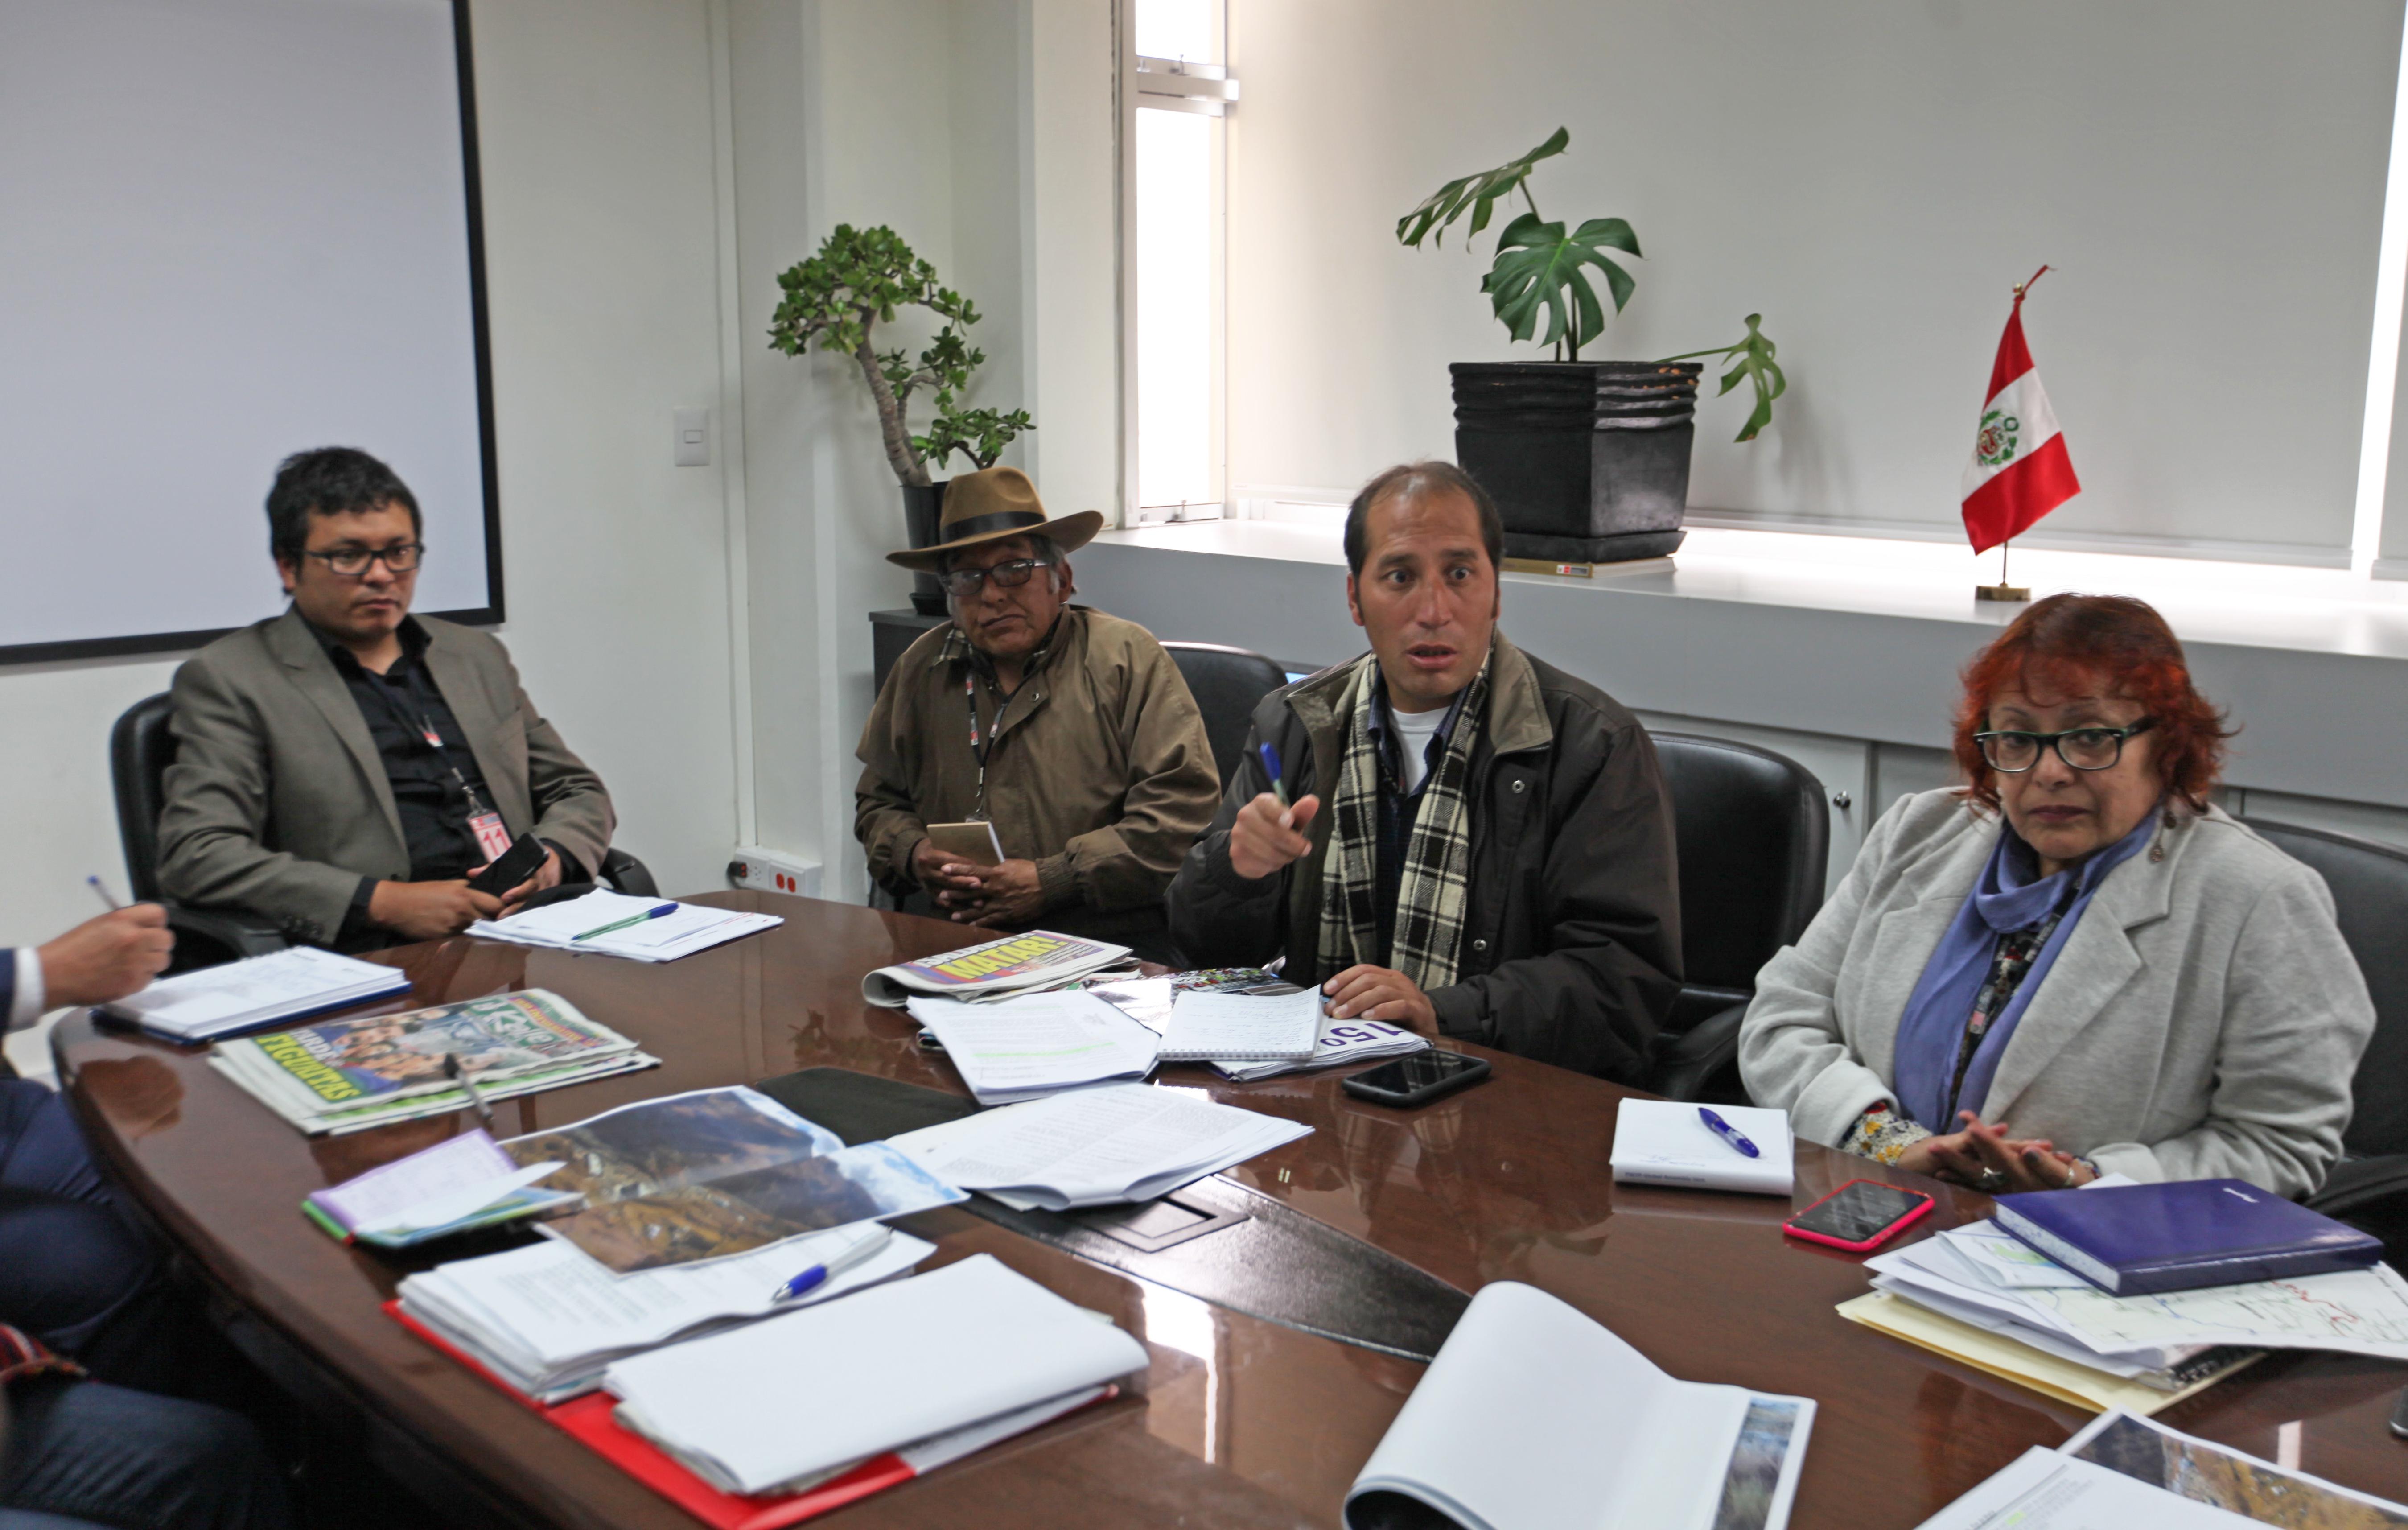 Viceministra de Transporte Fiorella Molinelli recibió a la delegación apurimeña.